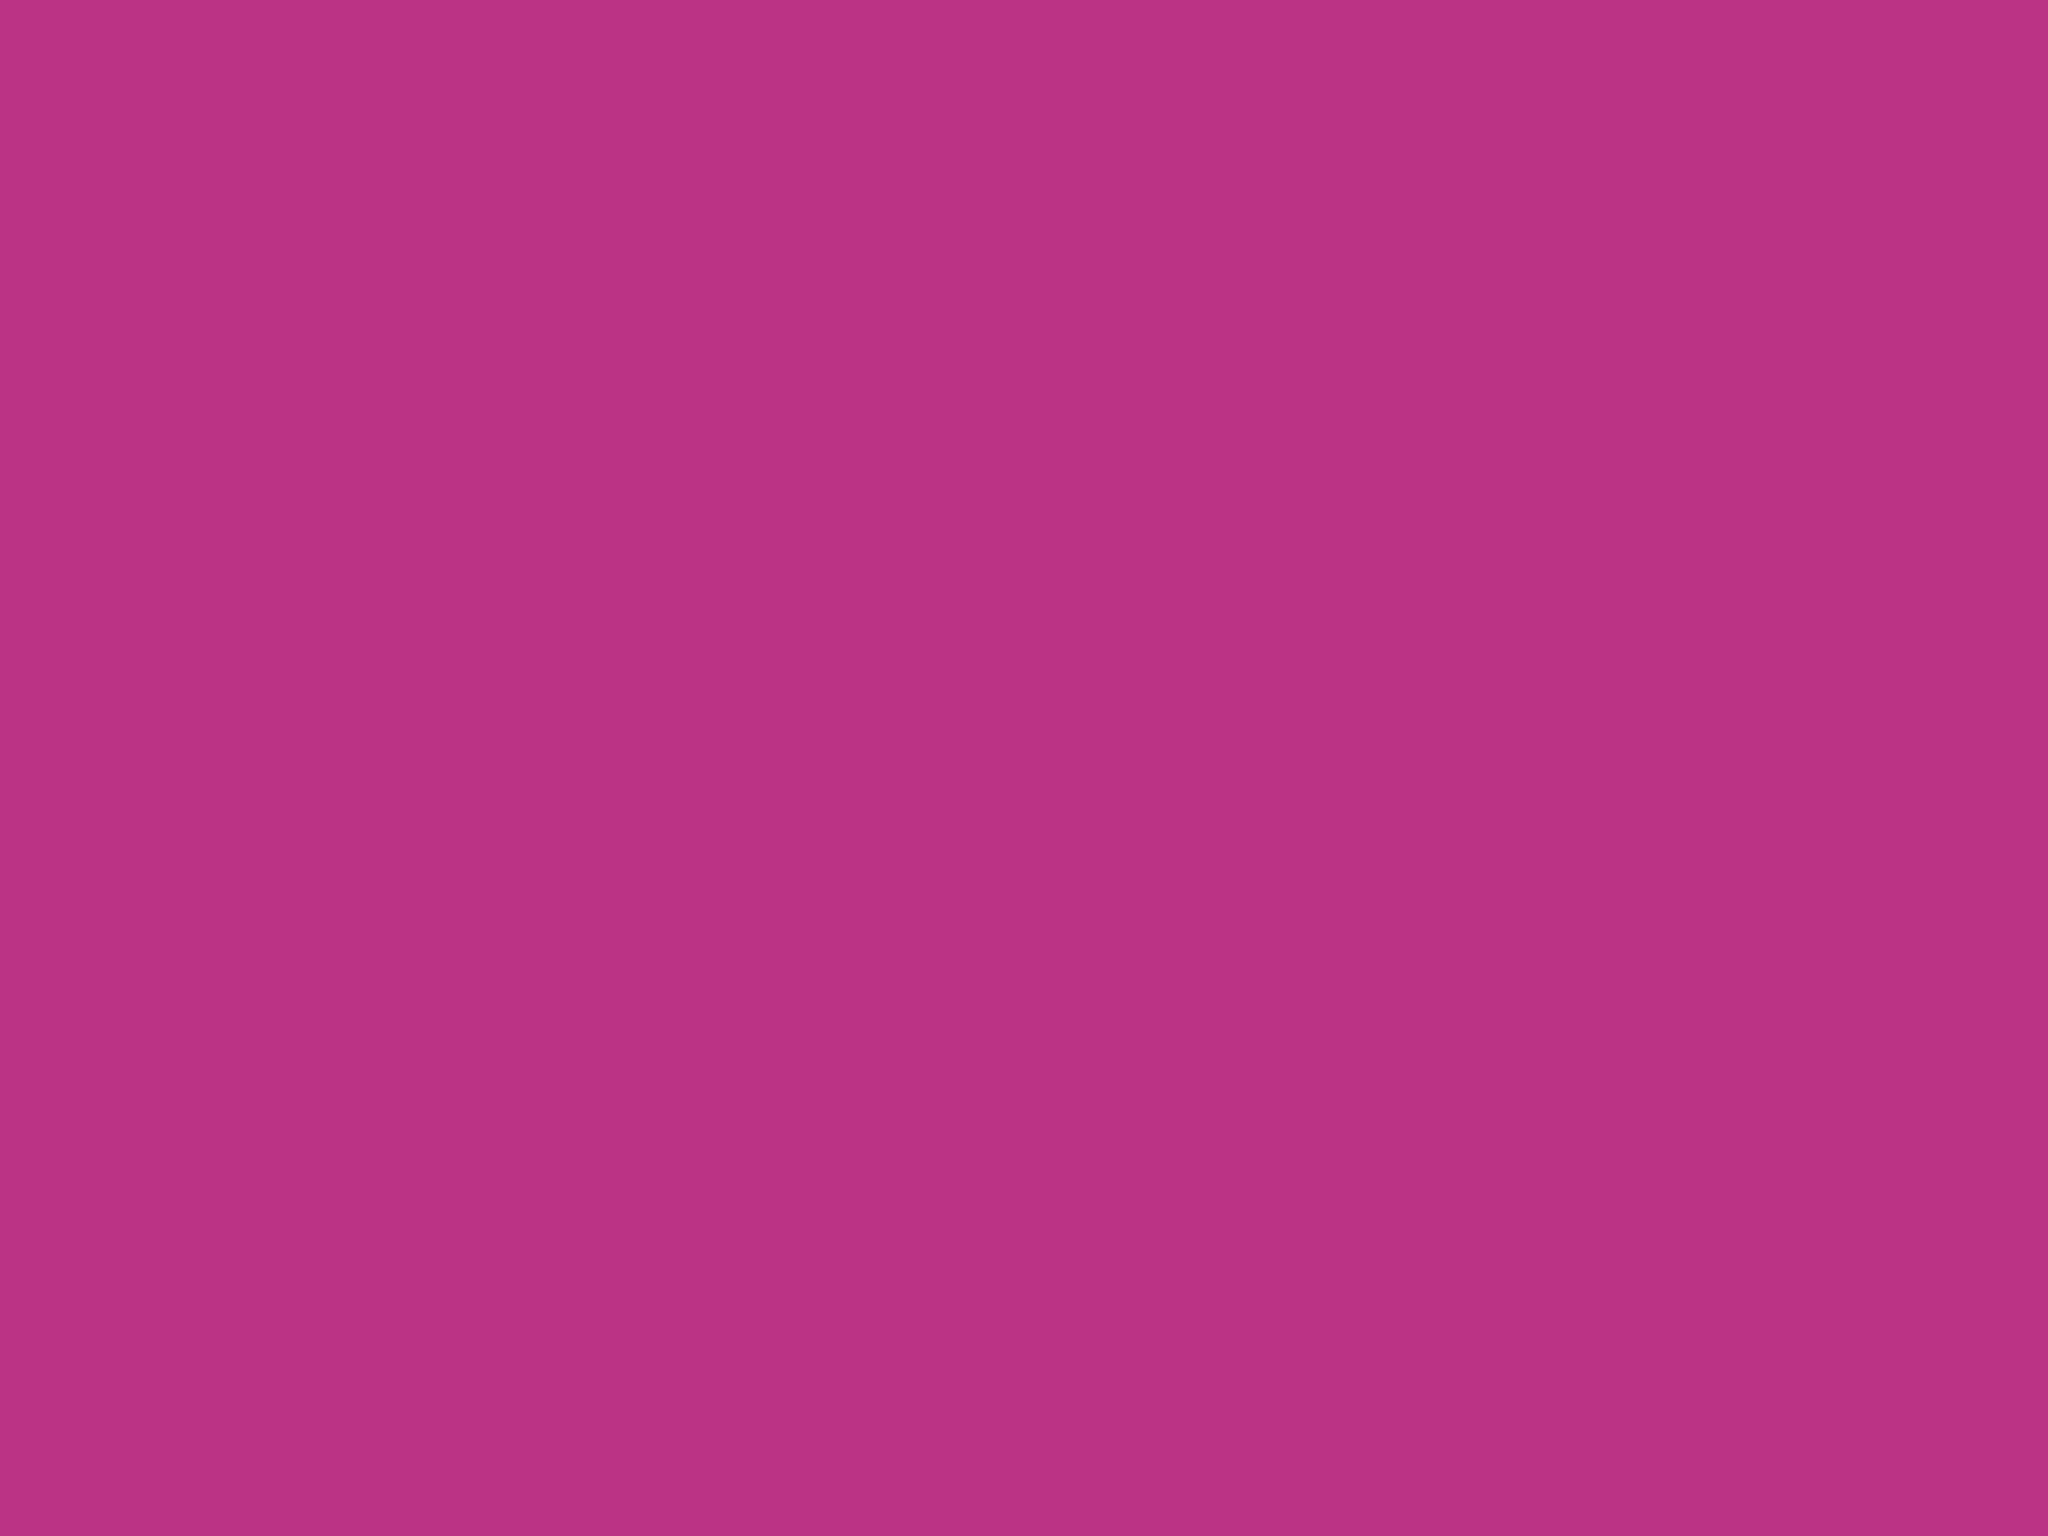 2048x1536 Medium Red-violet Solid Color Background